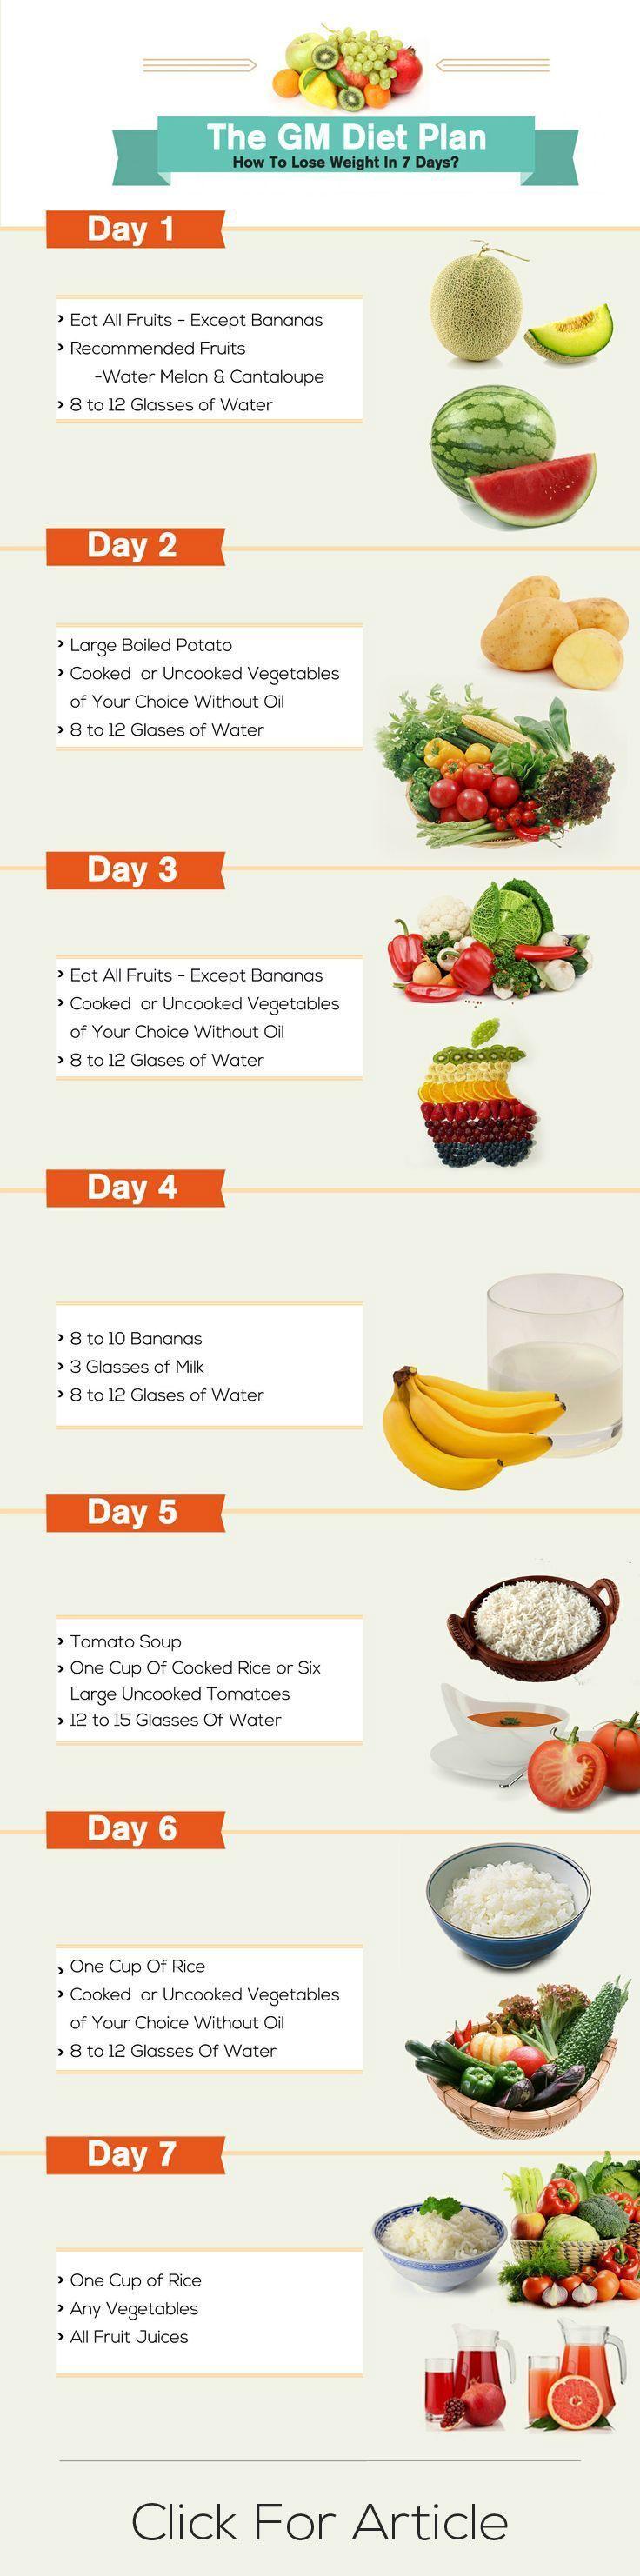 3 Day Detox Plan (Friday - Sunday)